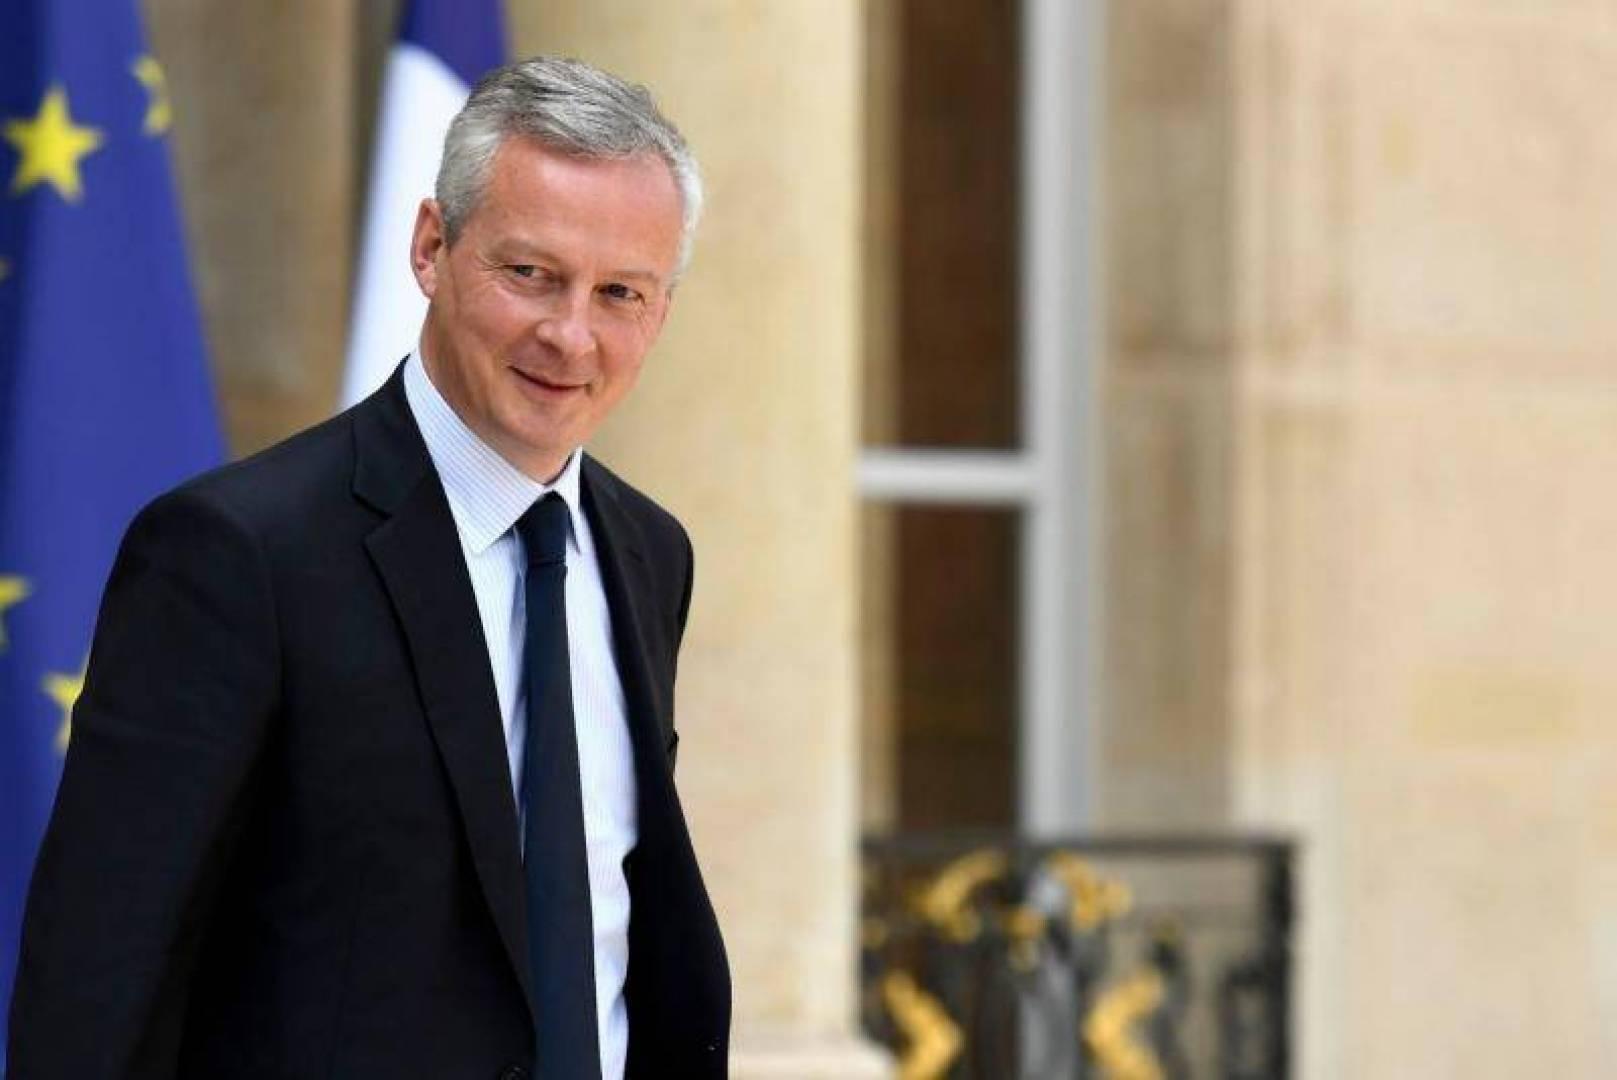 فرنسا تعتزم تطبيق ضريبة على شركات الإنترنت إذا فشل الاتحاد الأوروبي في اقرارها